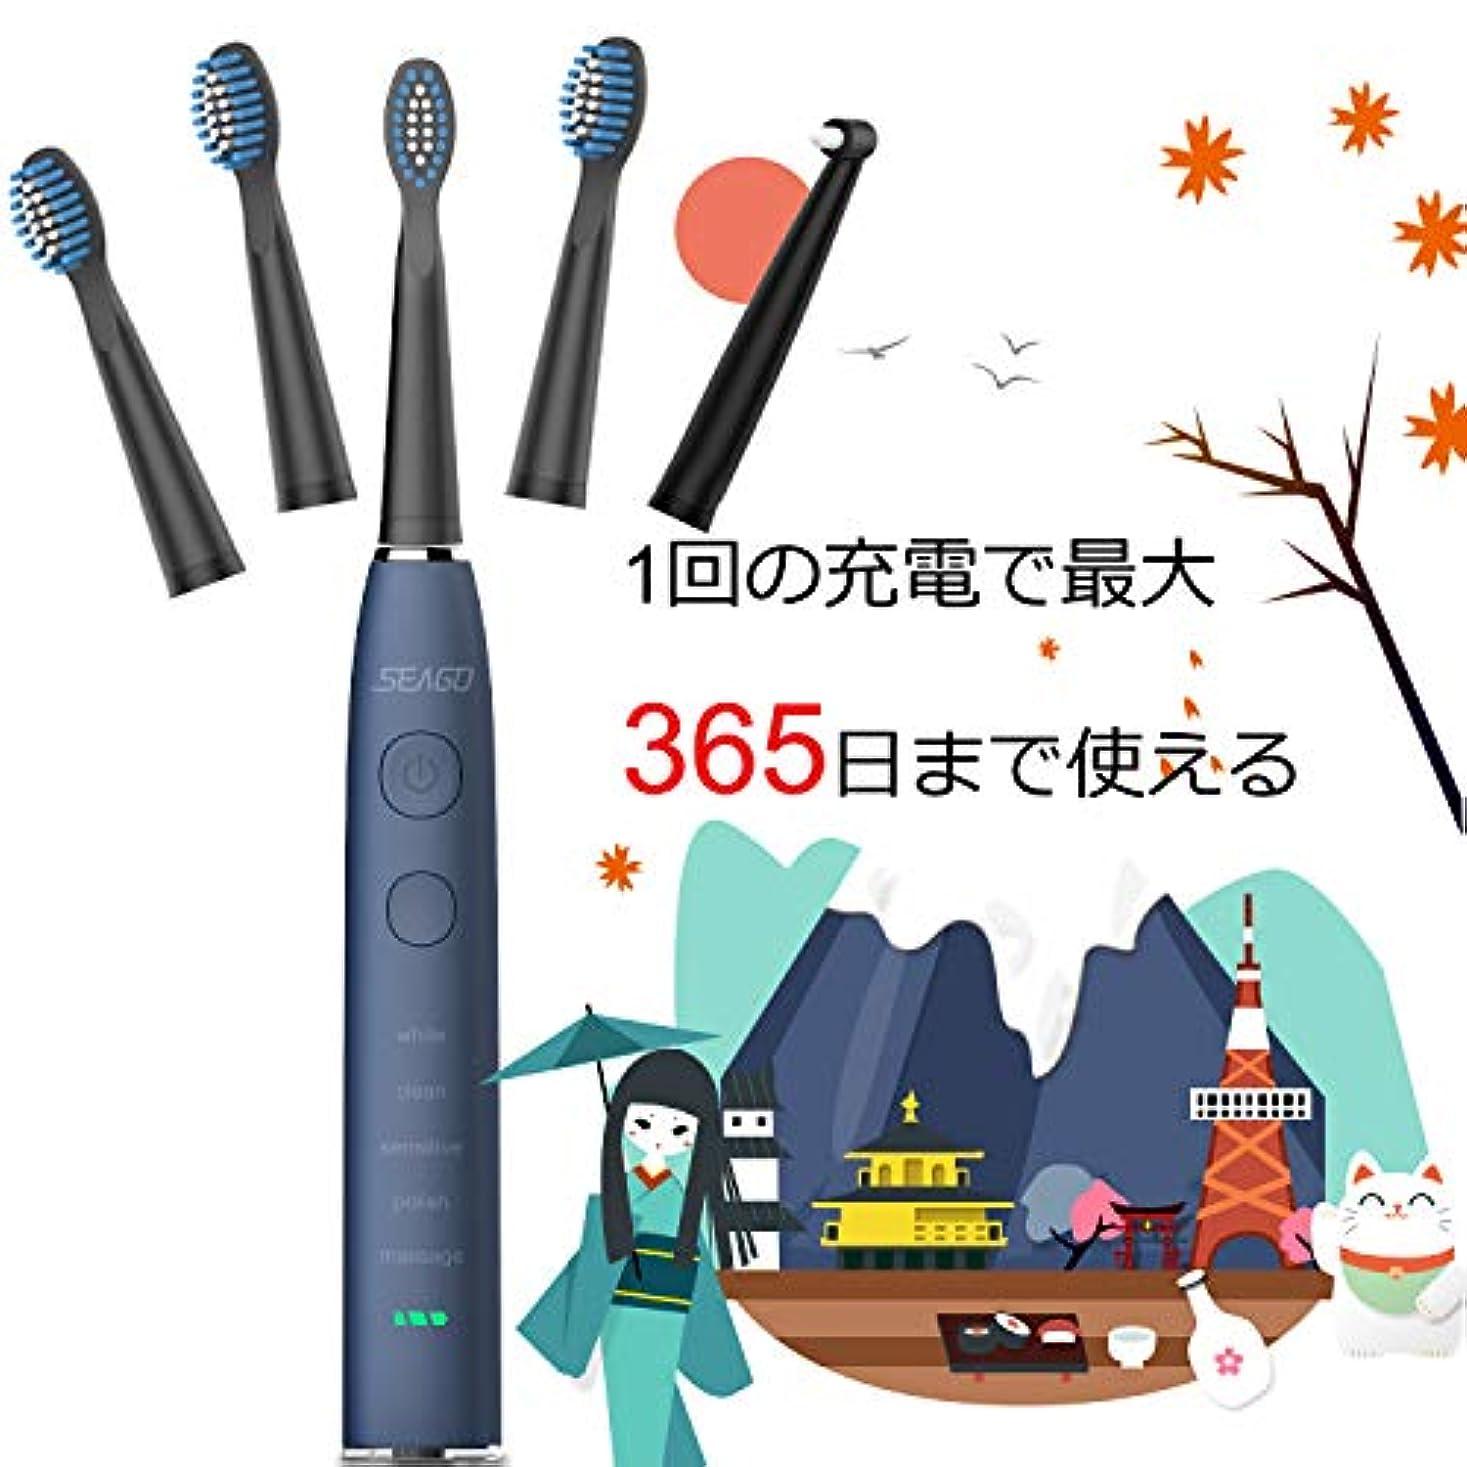 監査逃げるペレット電動歯ブラシ 歯ブラシ seago 音波歯ブラシ USB充電式8時間 365日に使用 IPX7防水 五つモードと2分オートタイマー機能搭載 替えブラシ5本 12ヶ月メーカー保証 SG-575(ブルー)